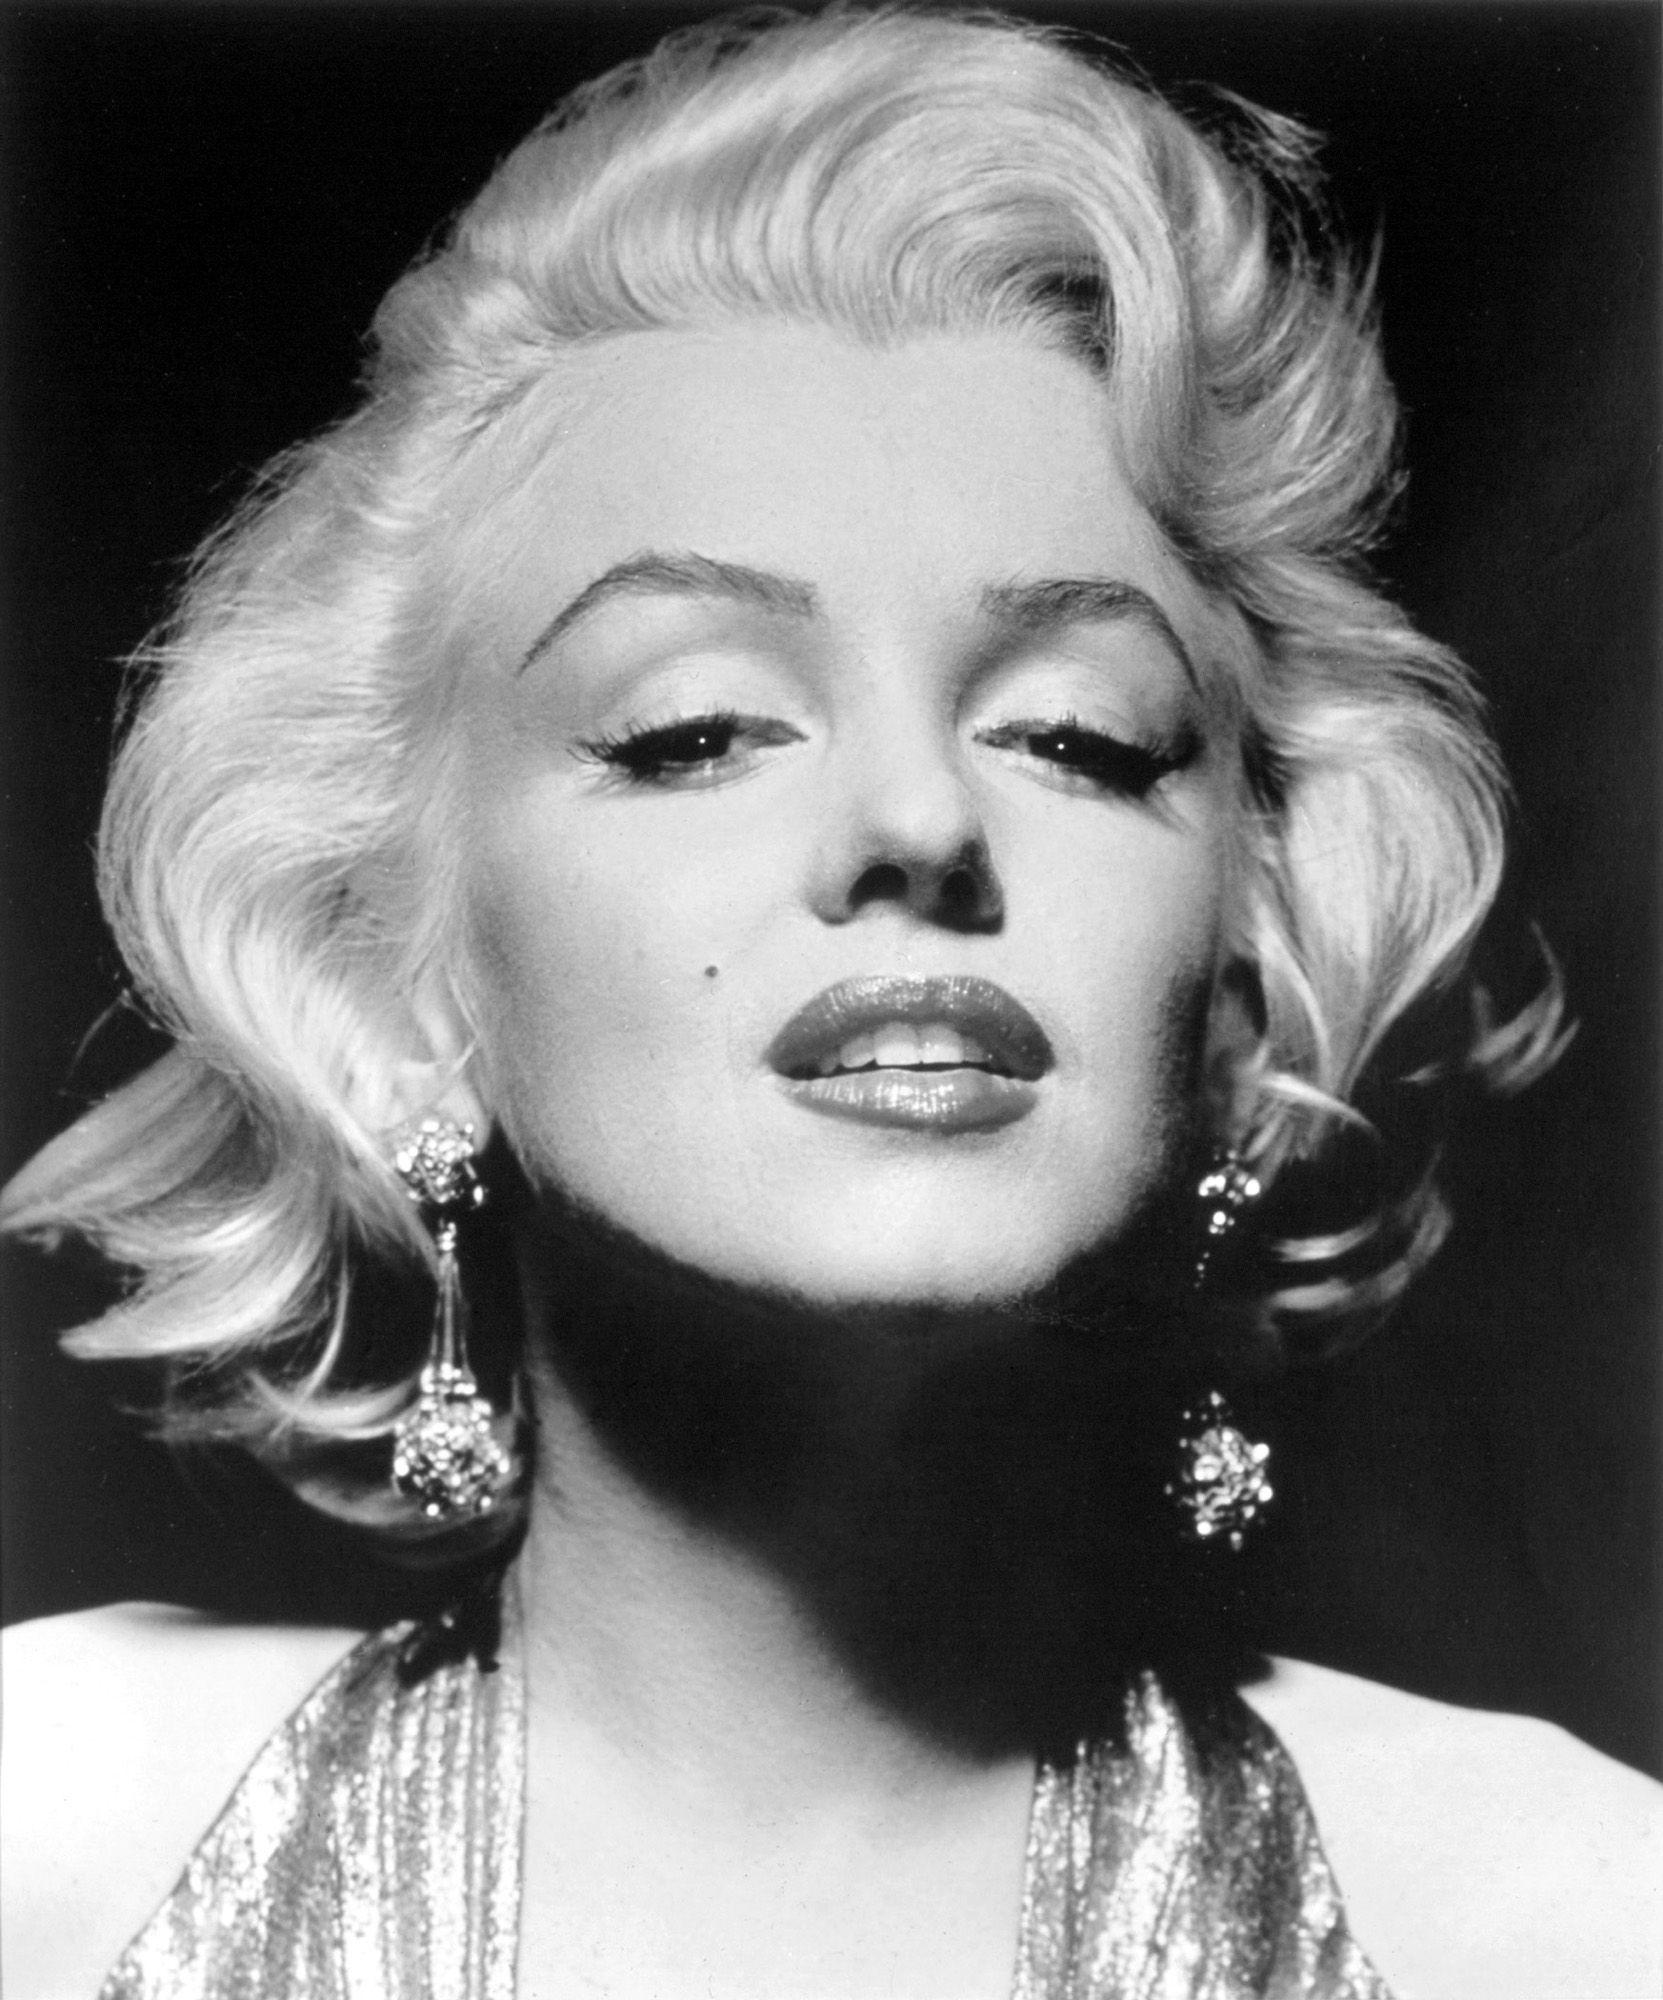 marilyn monroe hair | Trendy Hairstyles | Pinterest | Marilyn ...